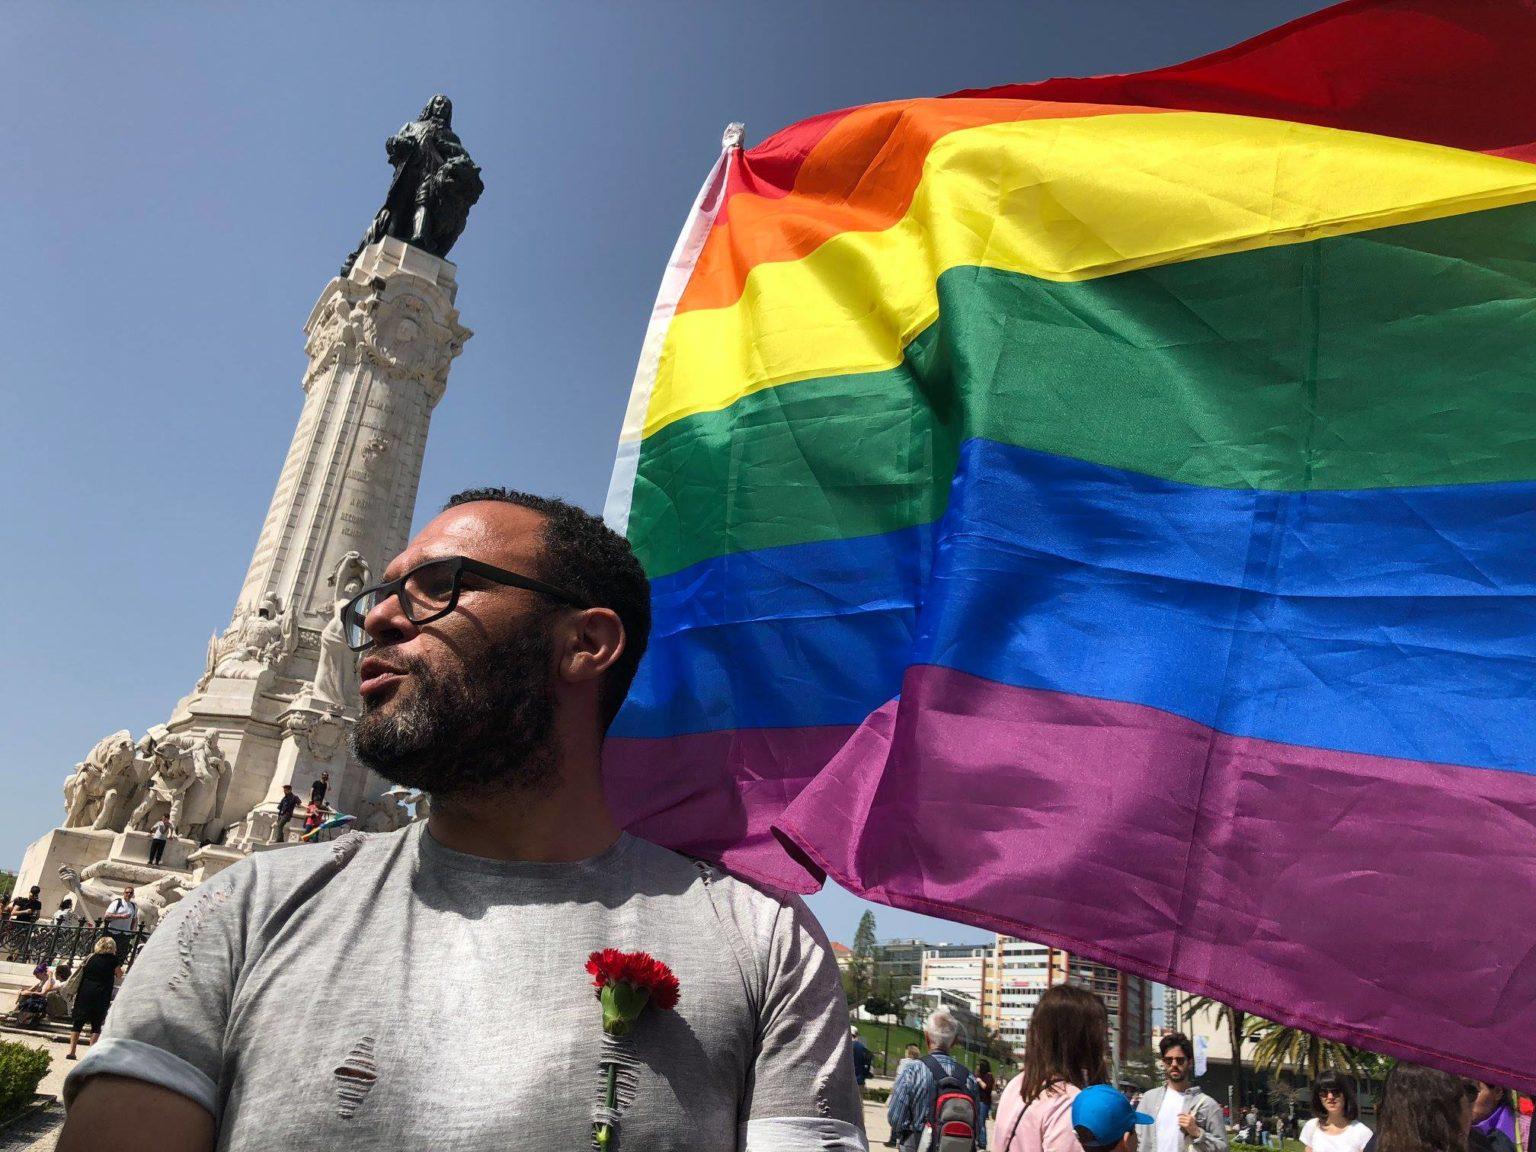 Homem negro numa manifestação do 25 de abril, em Lisboa, envergando uma bandeira LGBTI